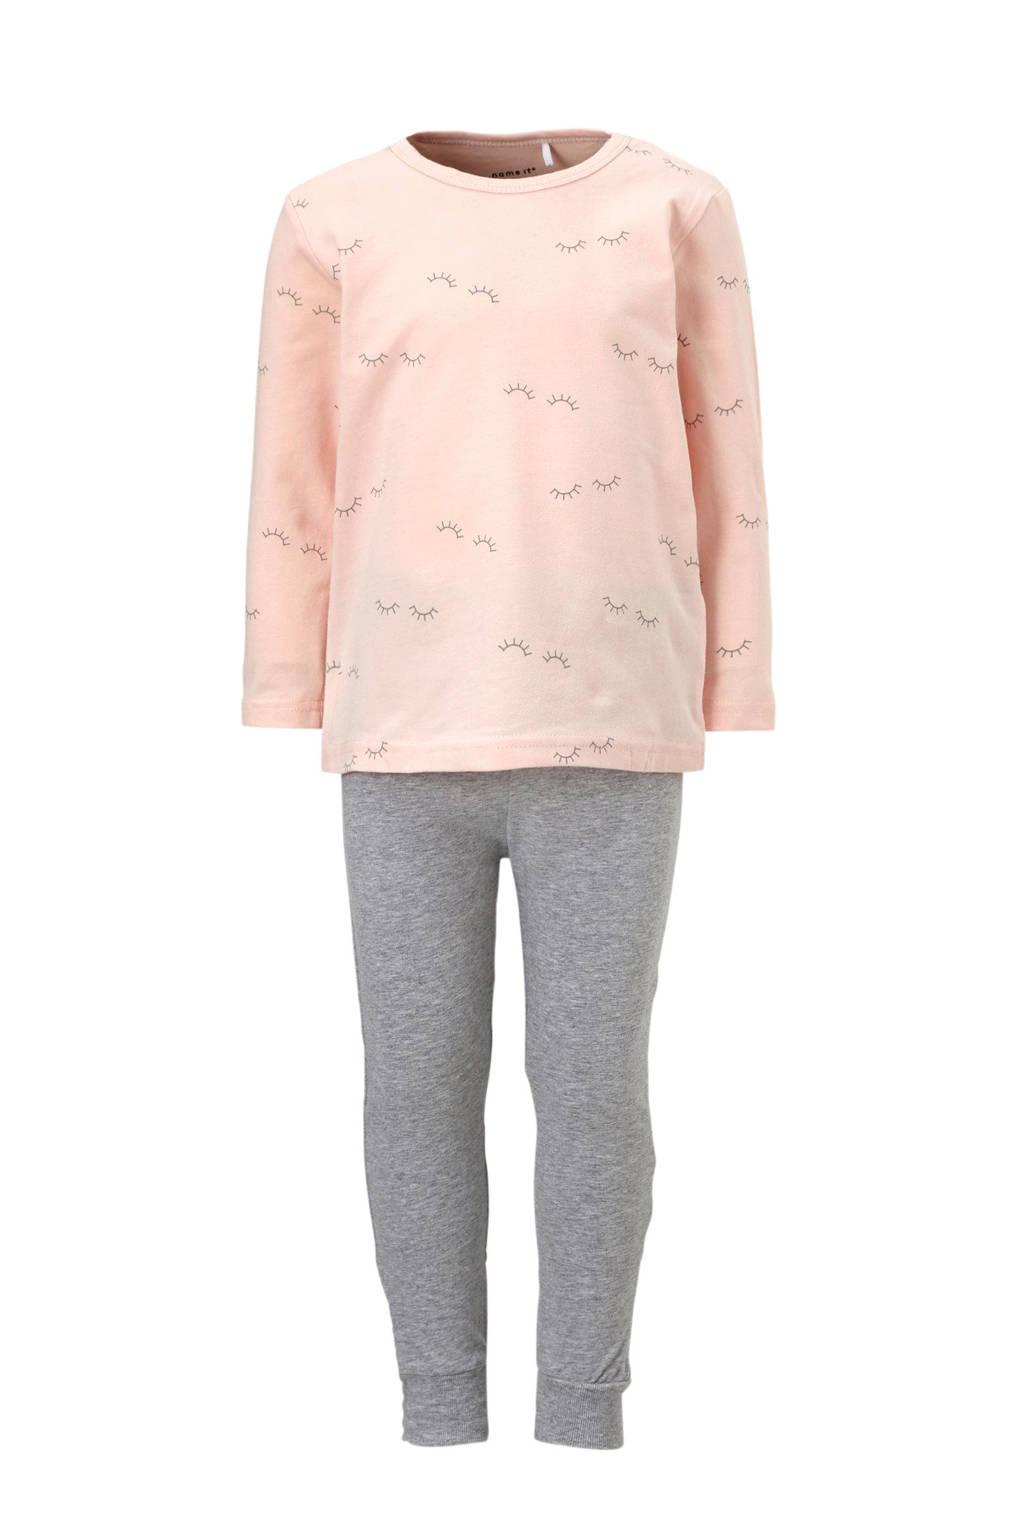 name it MINI pyjama met oogjes roze, Lichtroze/grijs